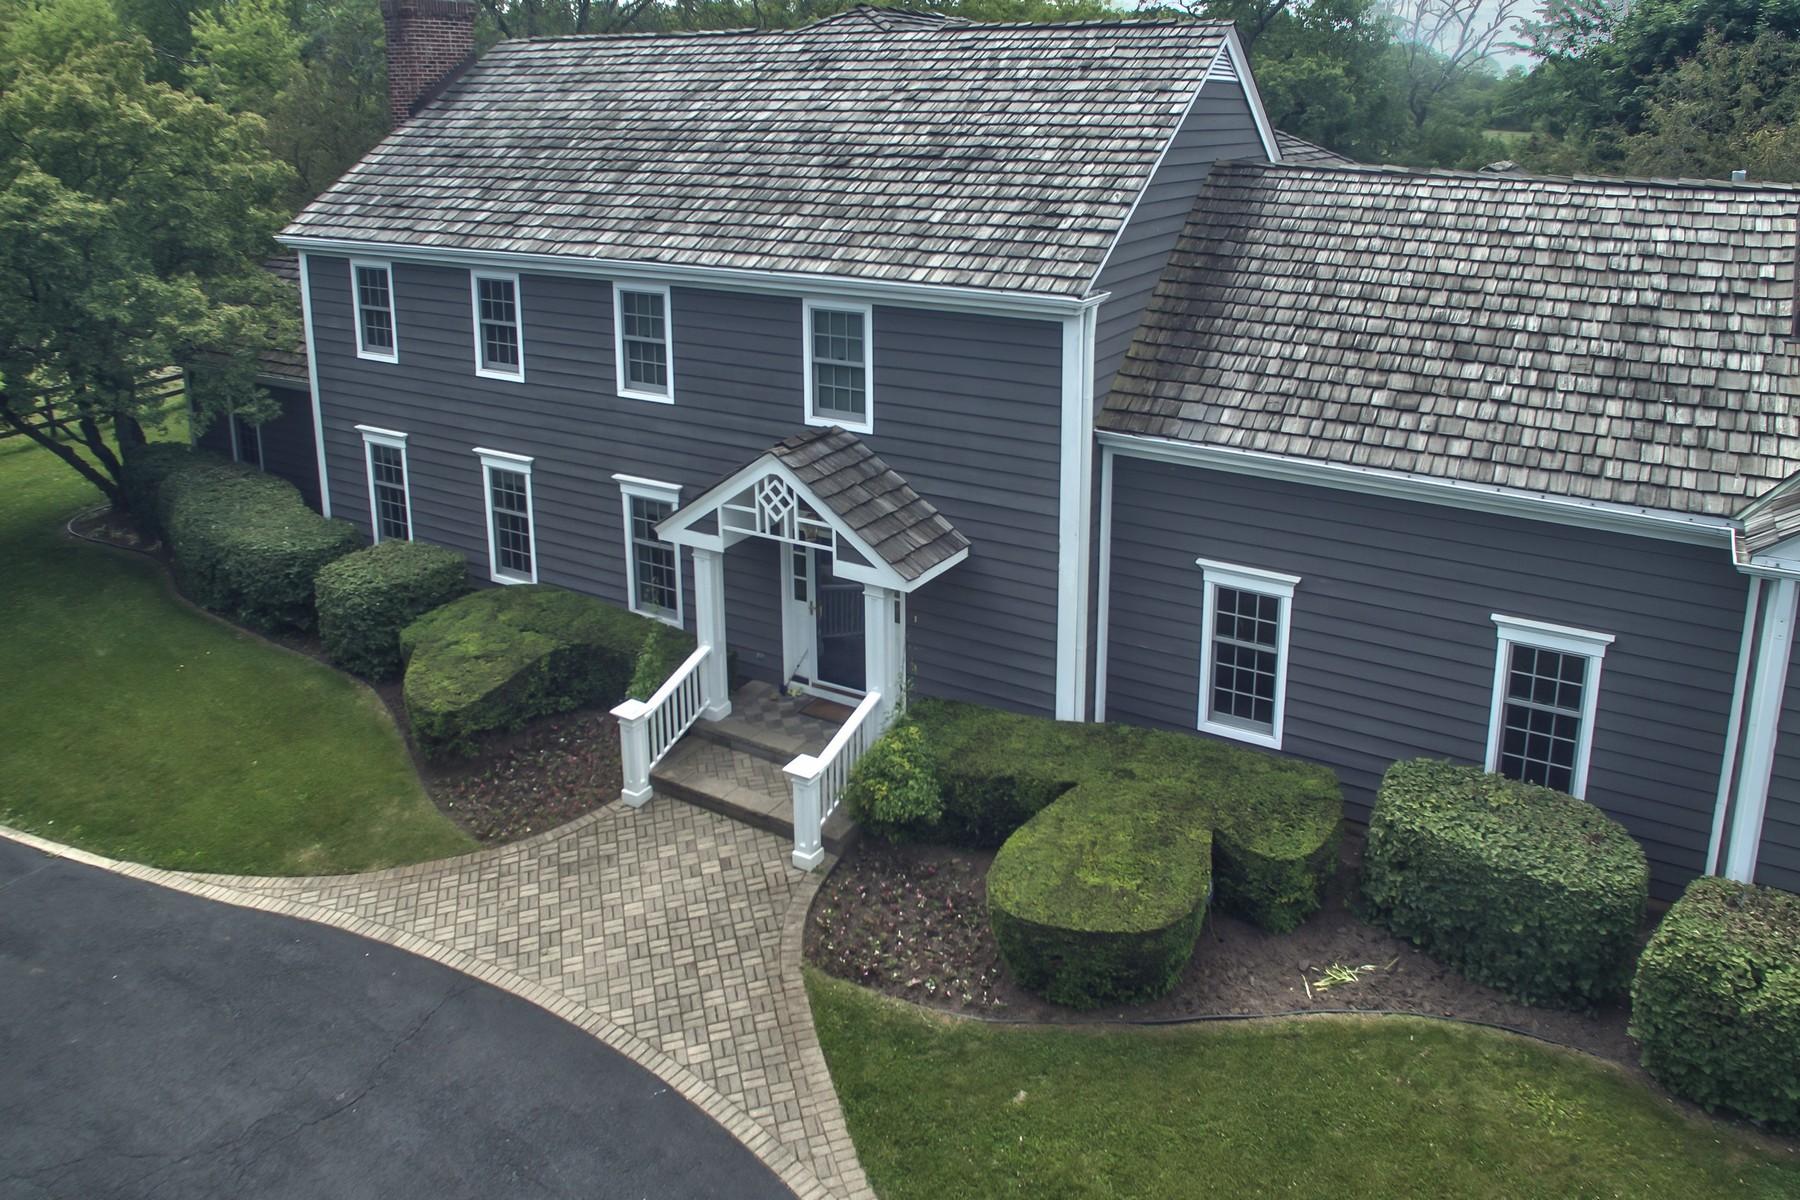 Maison unifamiliale pour l Vente à Hamptons Style Colonial Home 409 Three Lakes Road Barrington Hills, Illinois, 60010 États-Unis